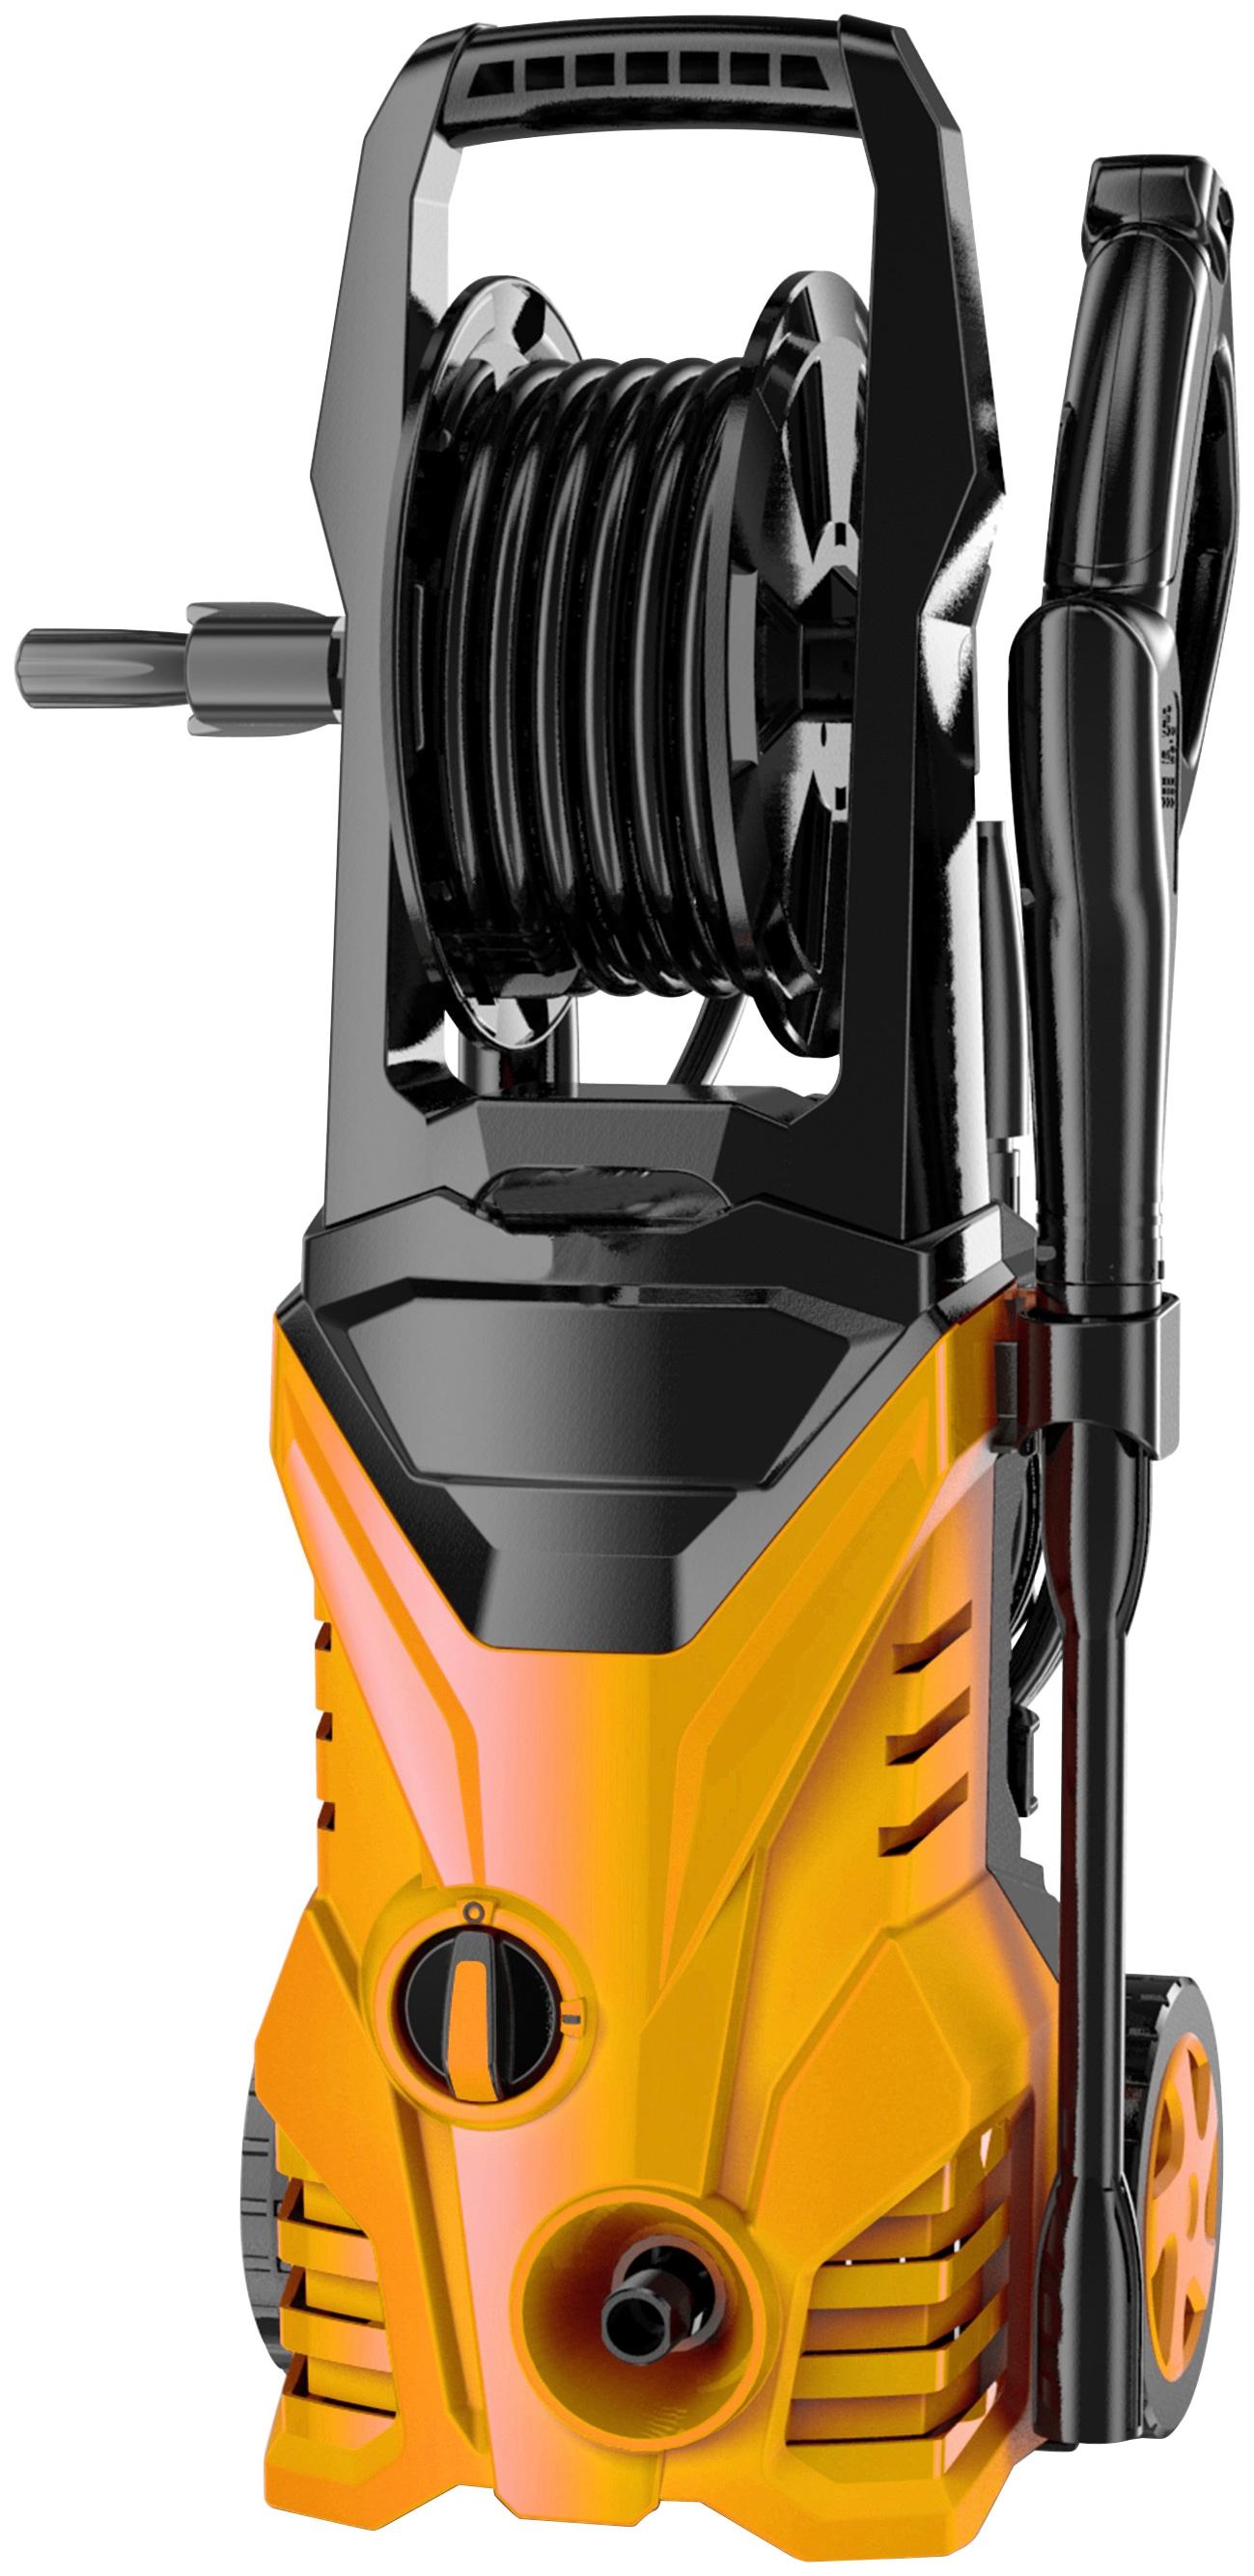 BRUEDER MANNESMANN WERKZEUGE Hochdruckreiniger, 1600 W, inkl. Zubehör | Baumarkt > Werkzeug > Weitere-Werkzeuge | BRUEDER MANNESMANN WERKZEUGE